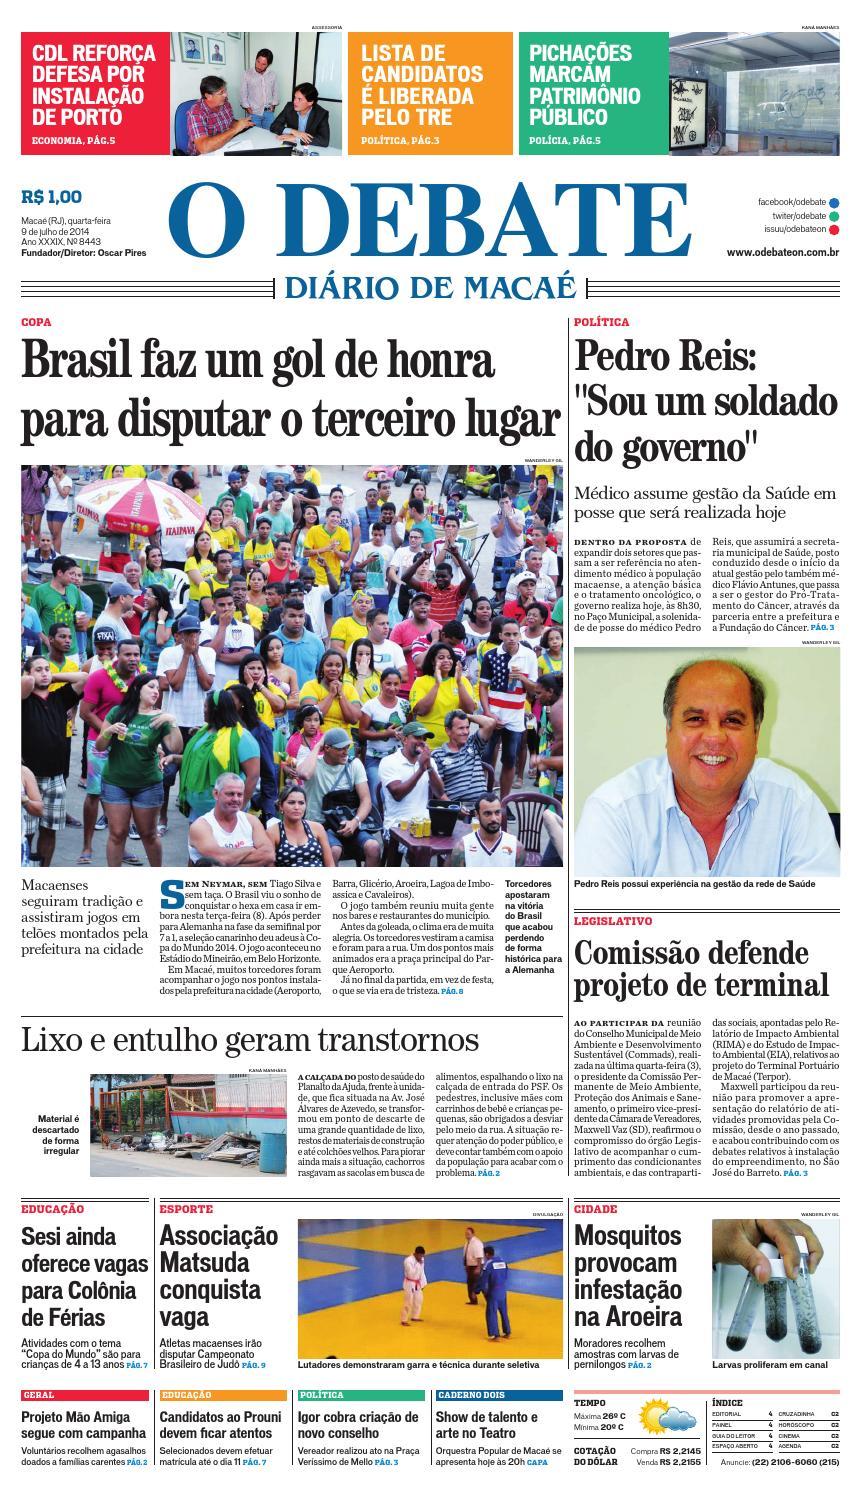 Noticiário 09 07 14 by O DEBATE Diario de Macae - issuu e3dc98e7300c4